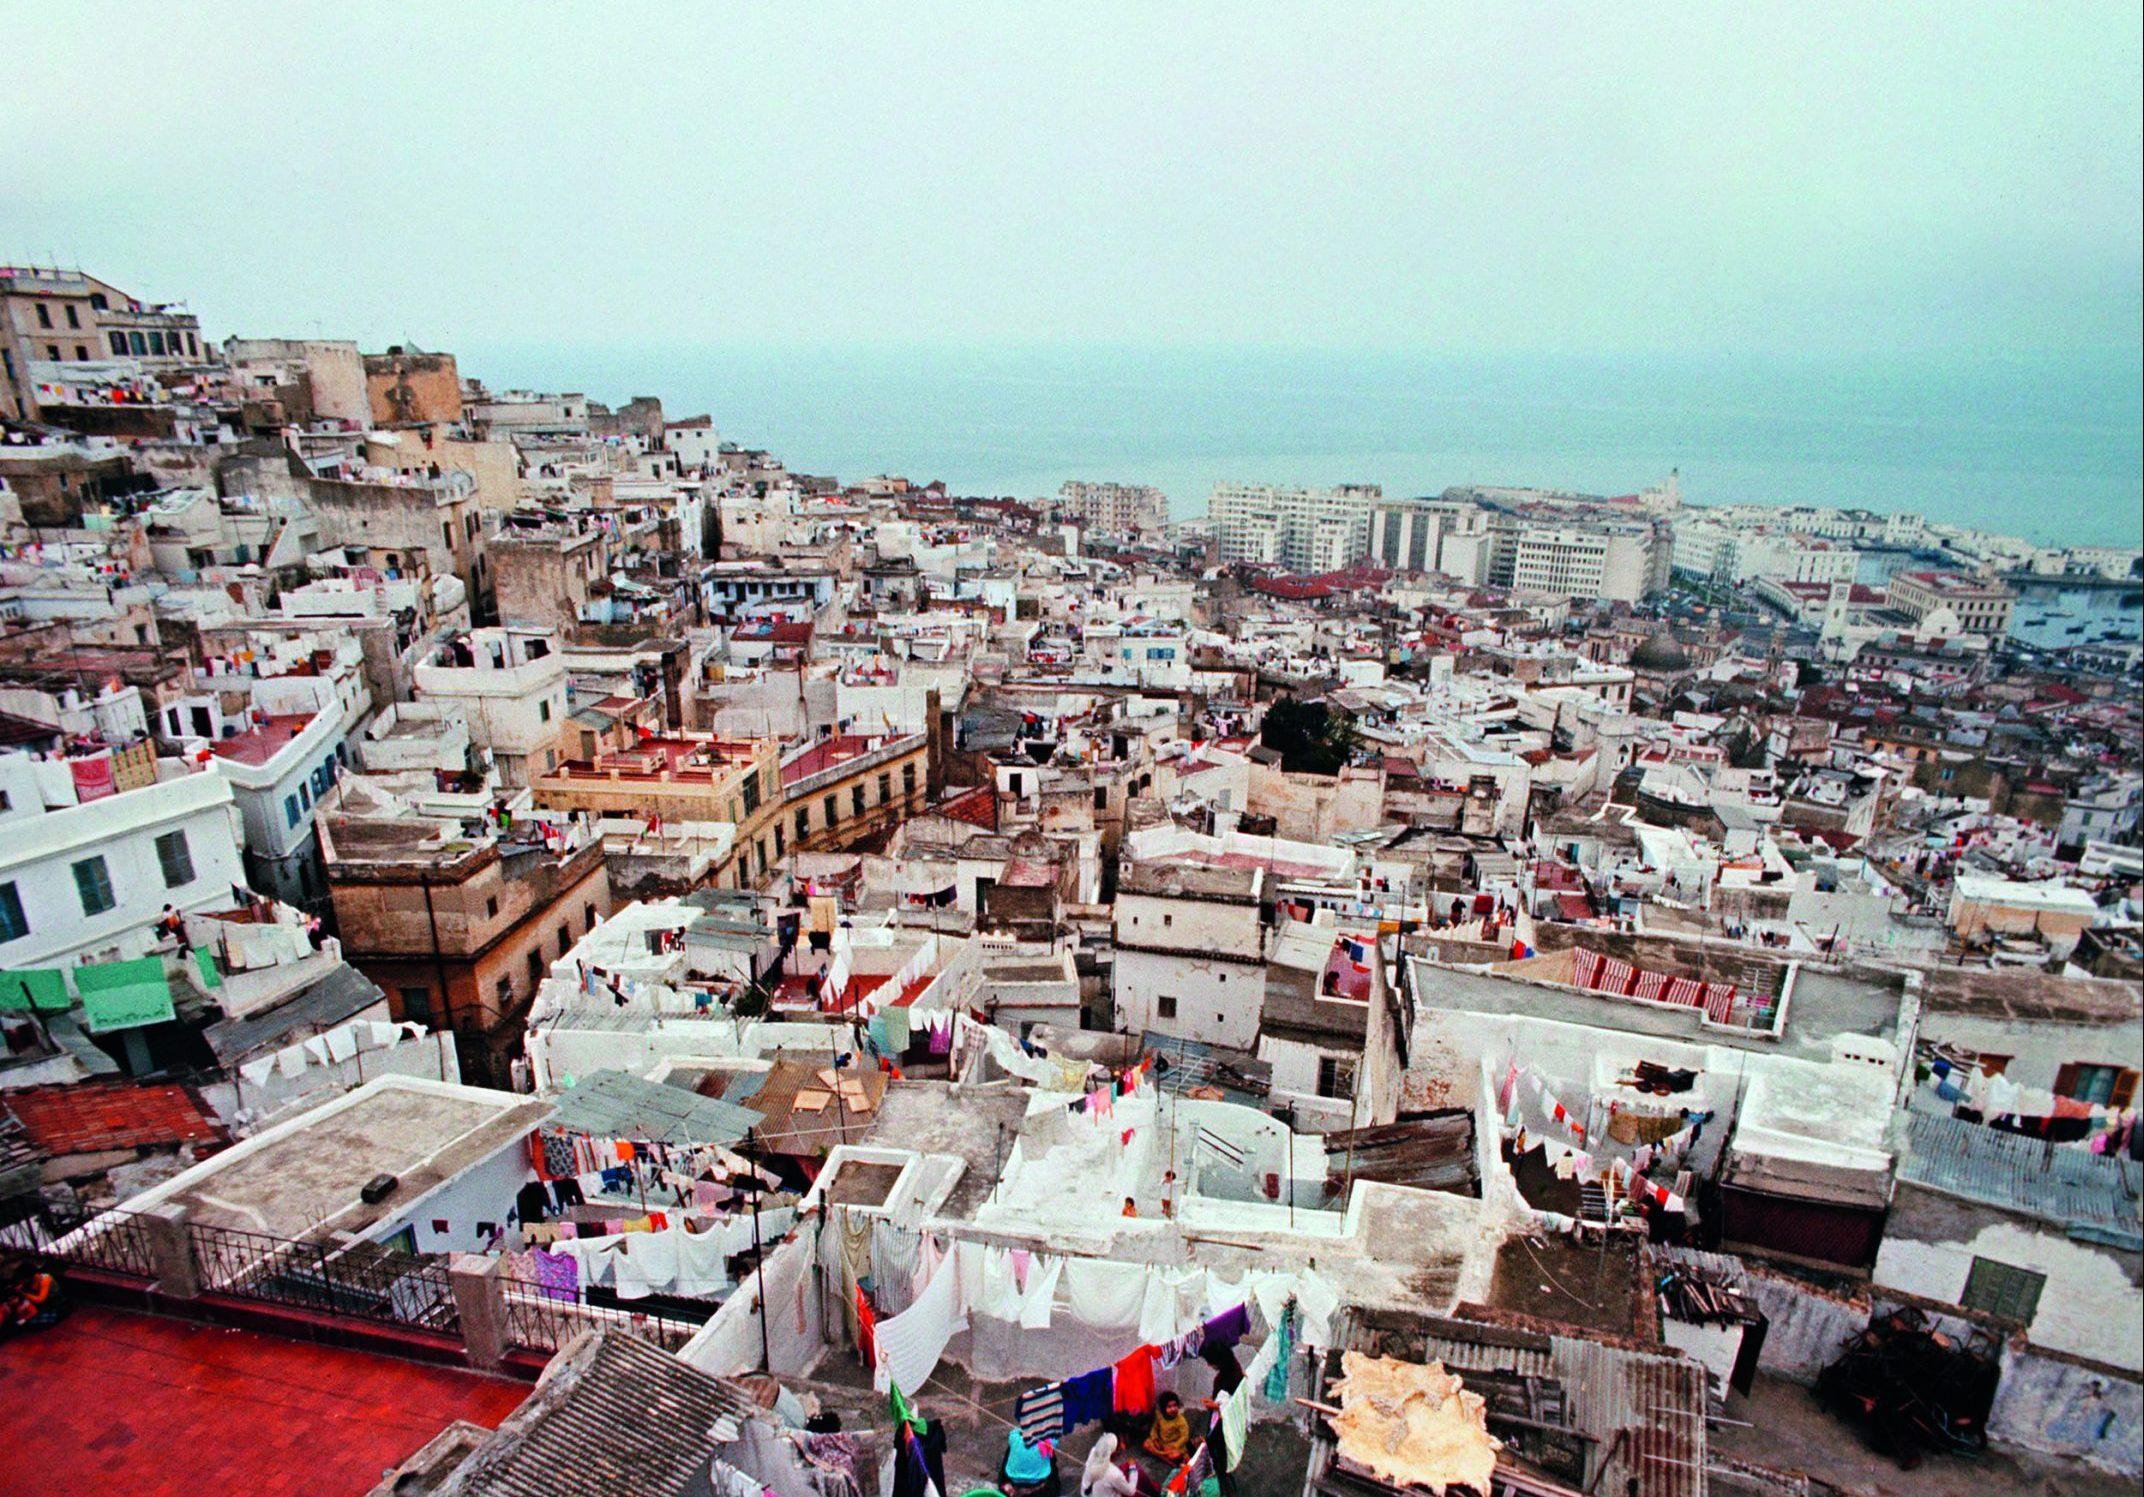 Back in time to 70s Algeria